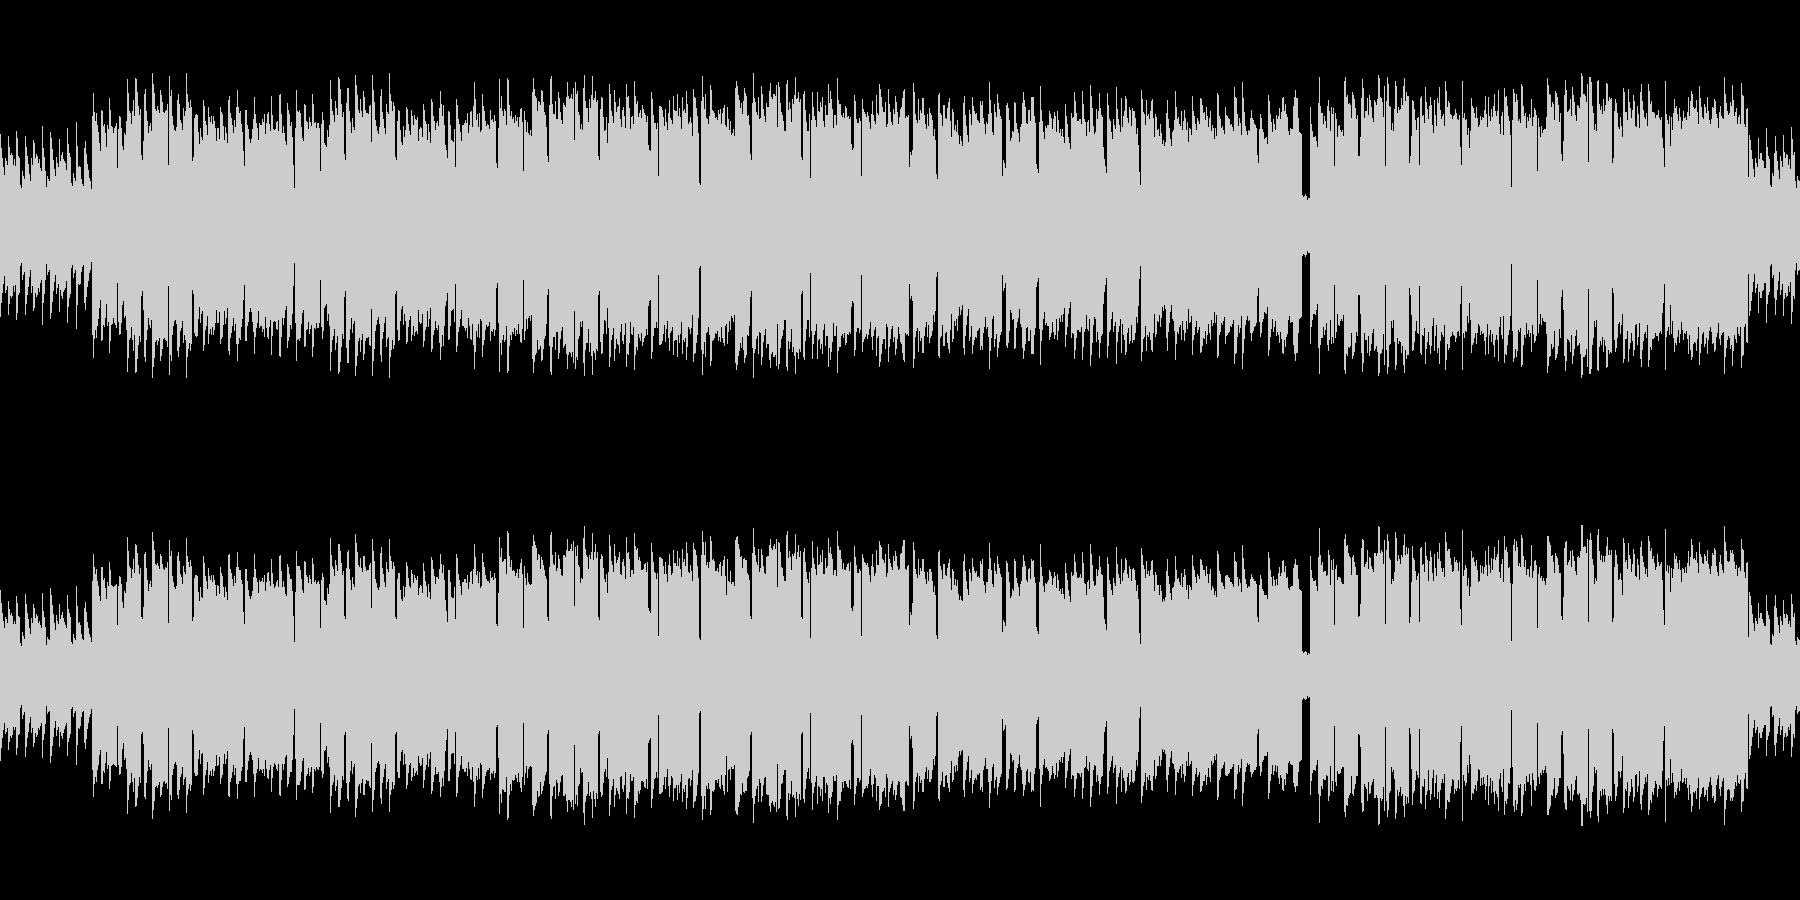 8bitサウンドの癒し系民族調ワルツの未再生の波形